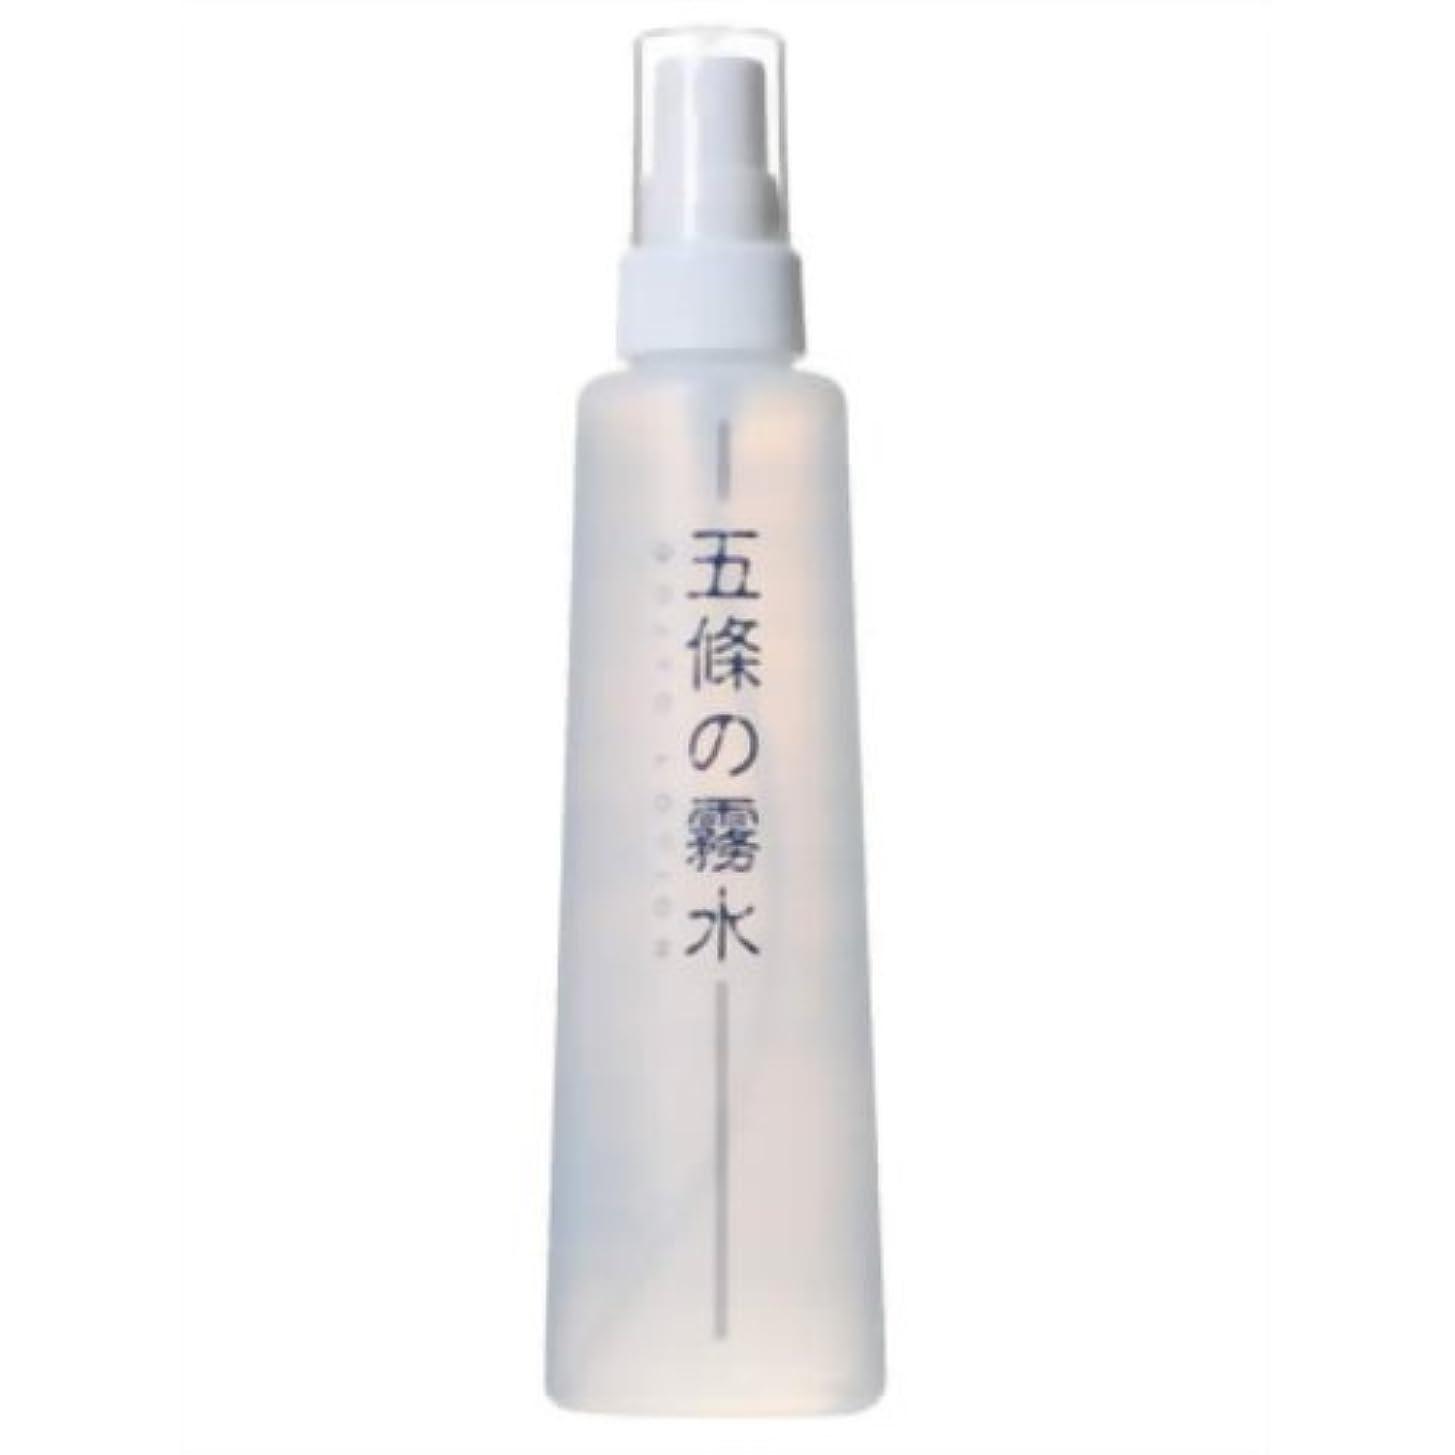 オープニング配送ペン五條の霧水ベーシック(200ml)